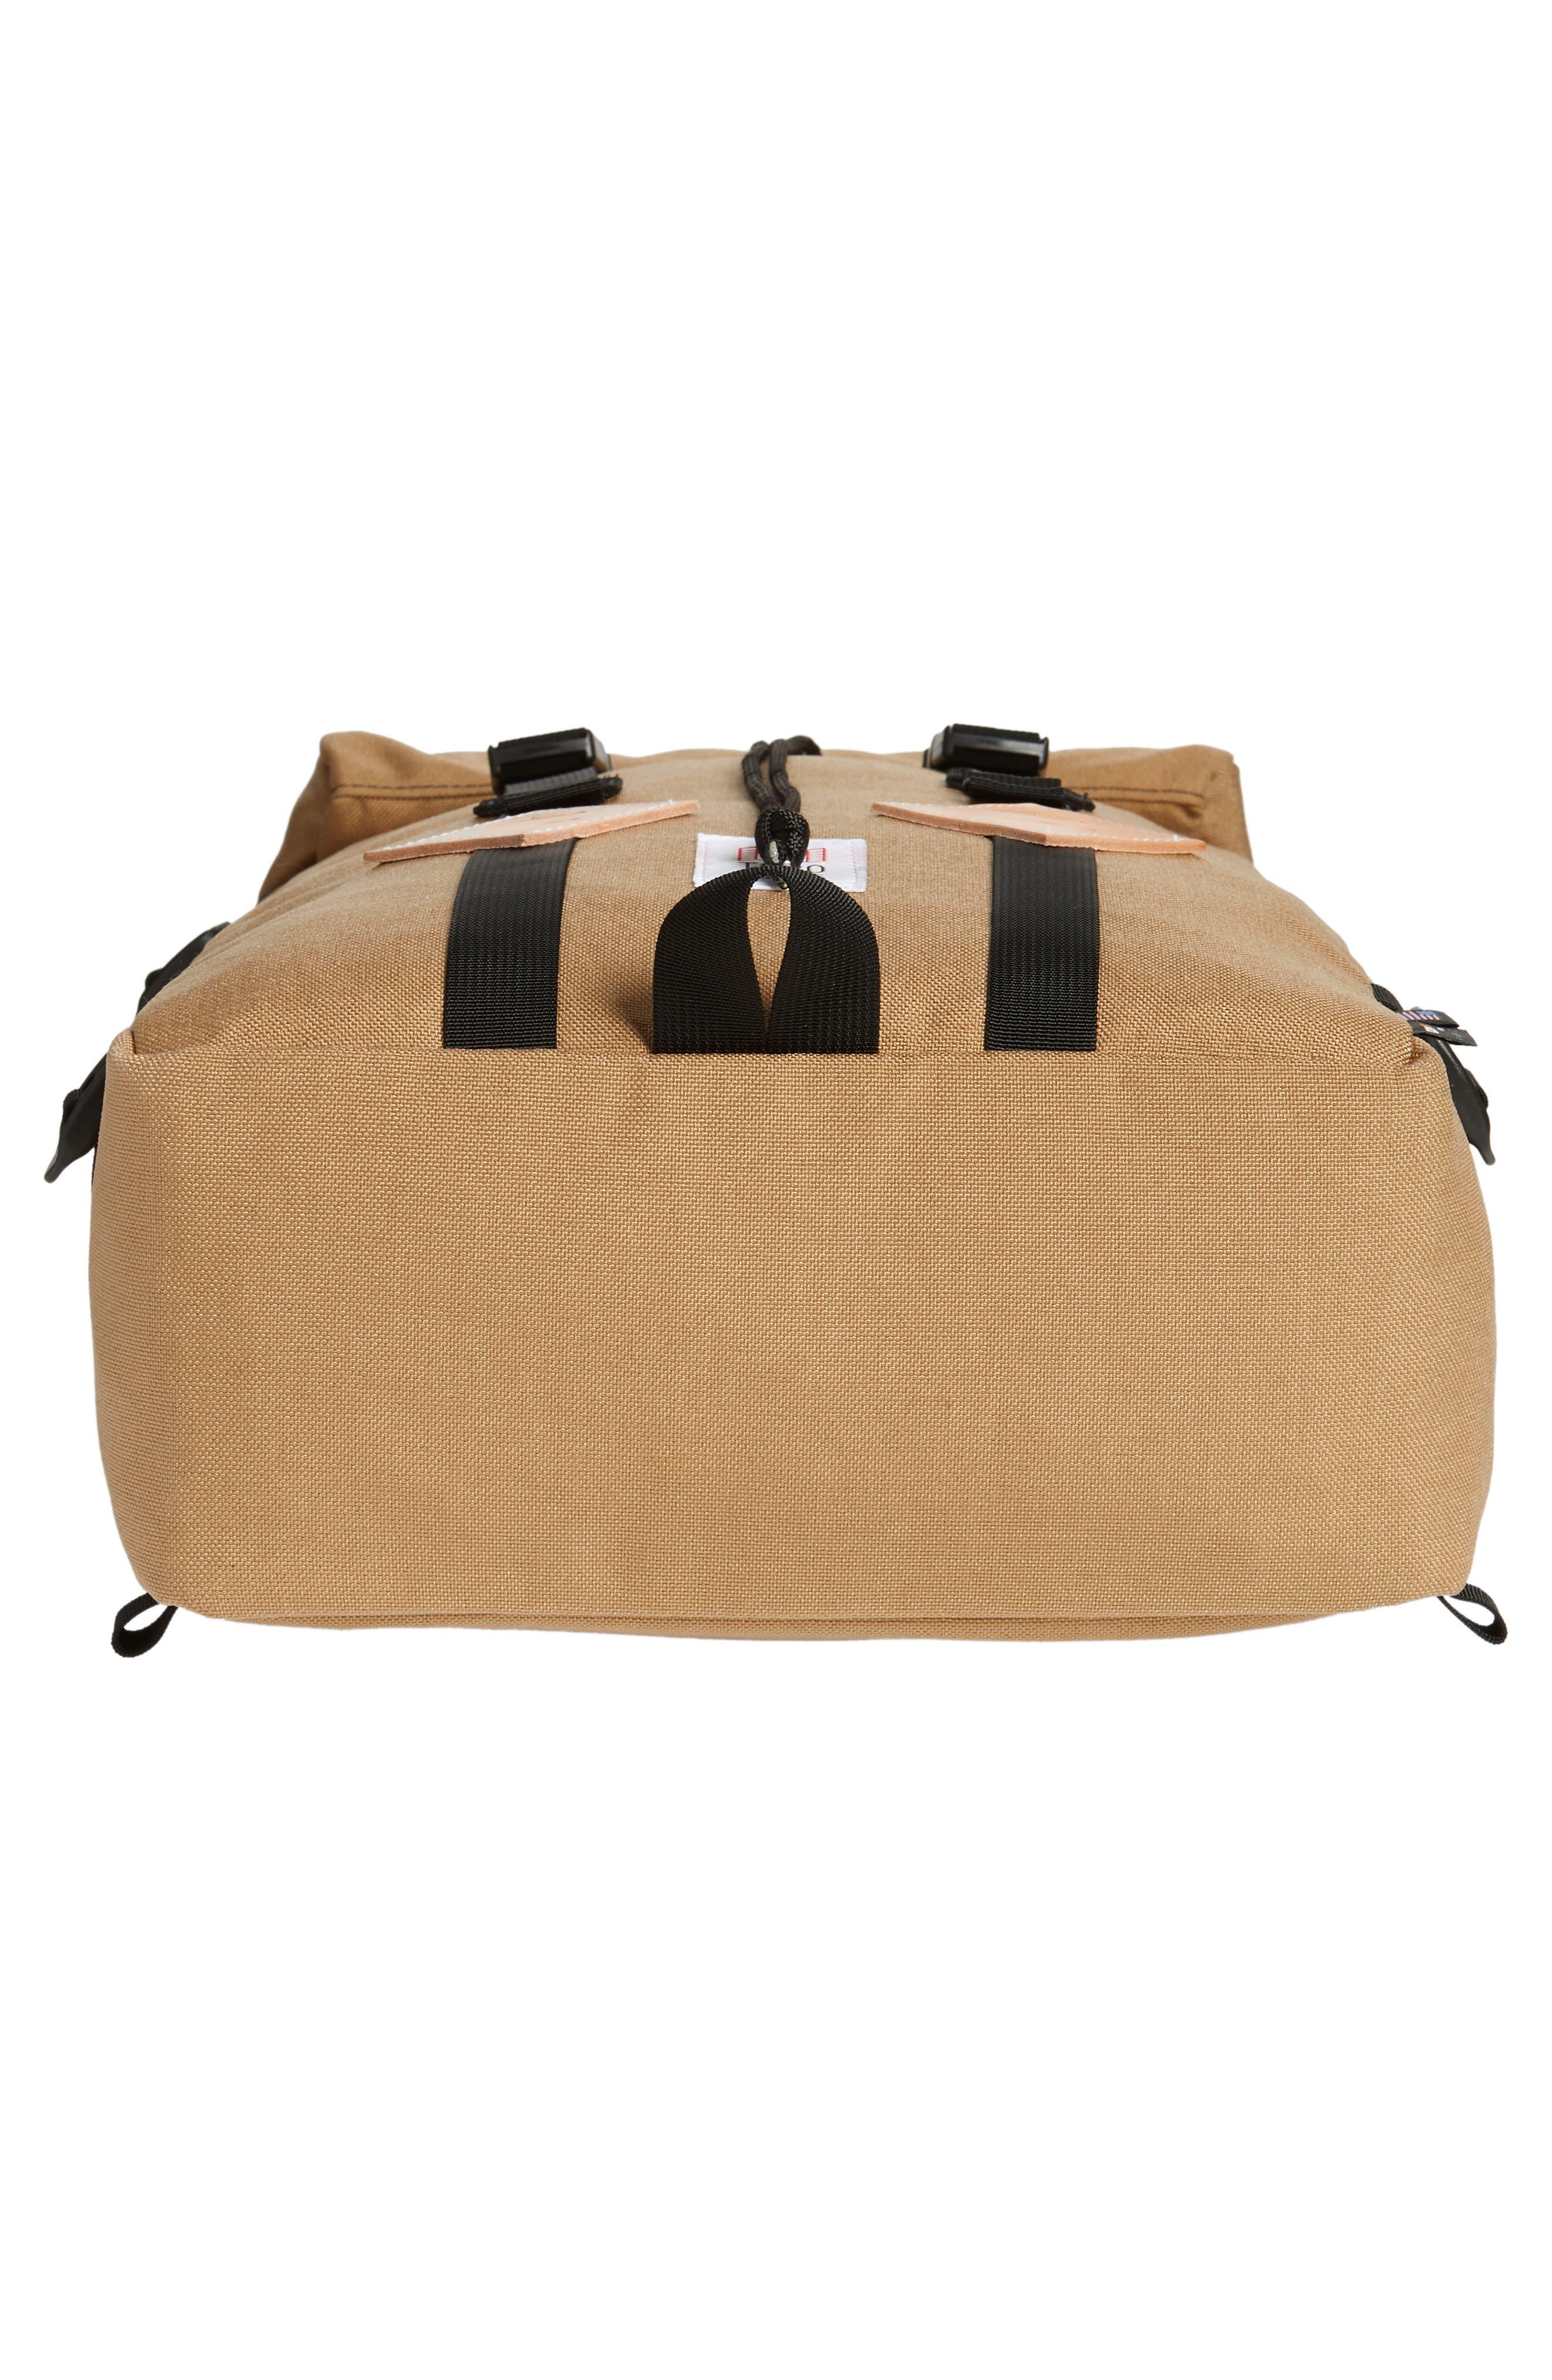 'Klettersack' Backpack,                             Alternate thumbnail 6, color,                             KHAKI